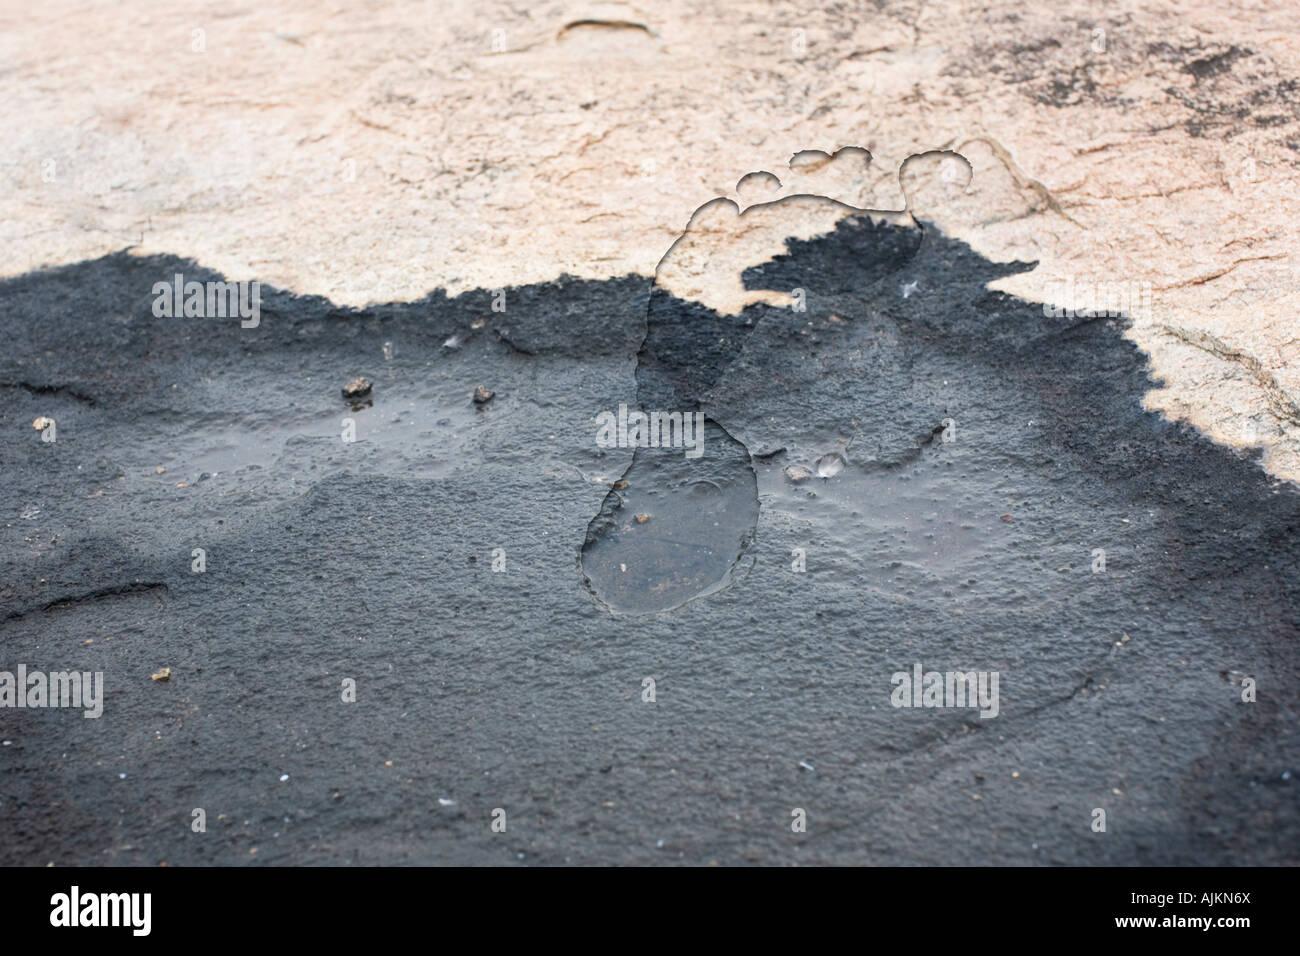 Empreinte superposée dans le rocher pour représenter l'empreinte carbone Photo Stock